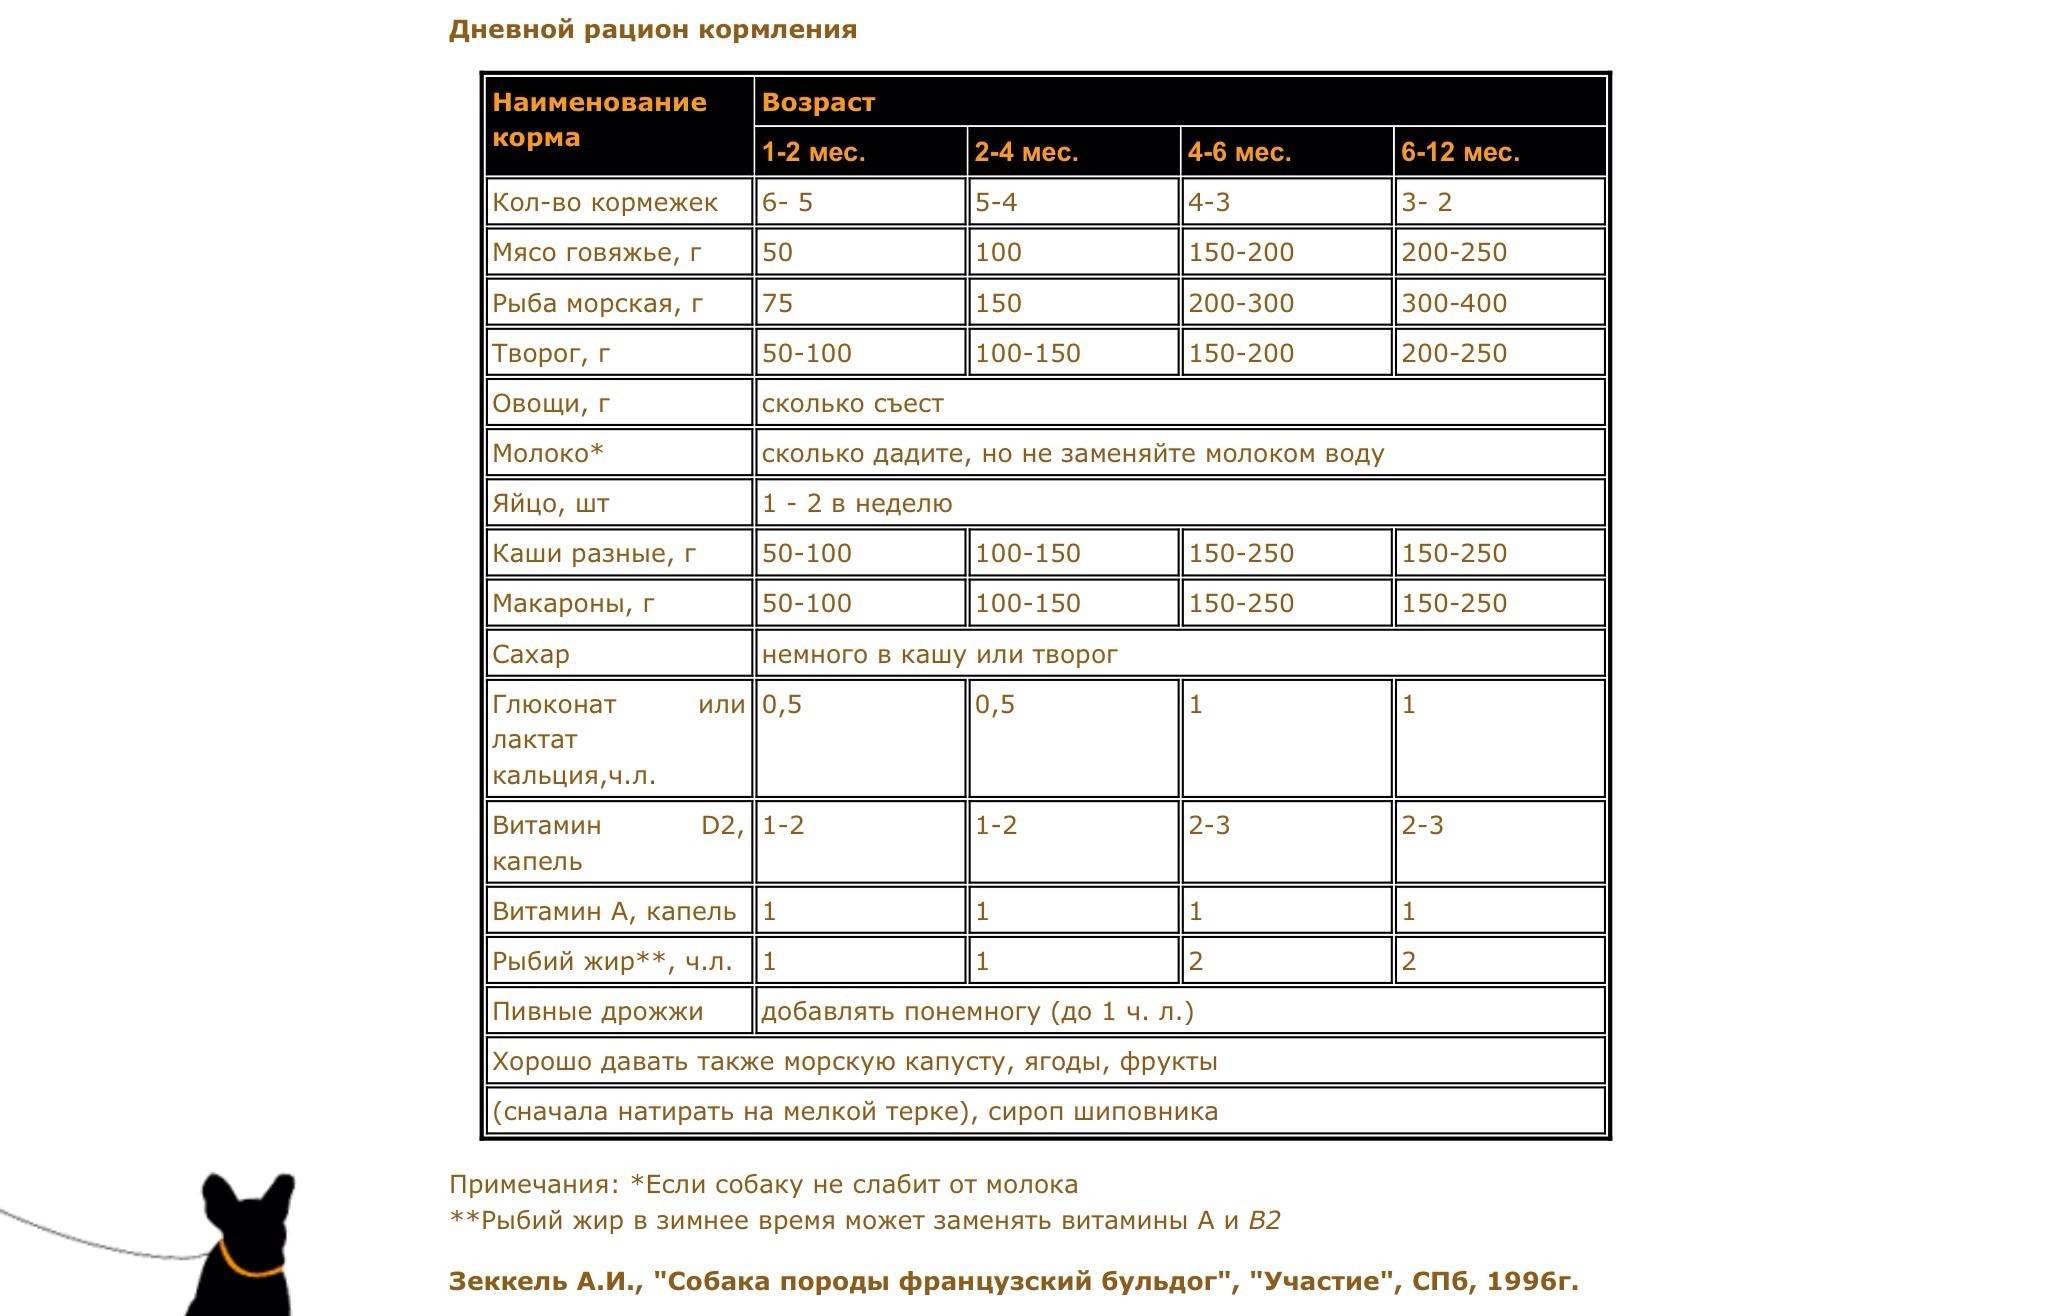 Основные правила кормления шарпеев: натуральное меню, готовые корма